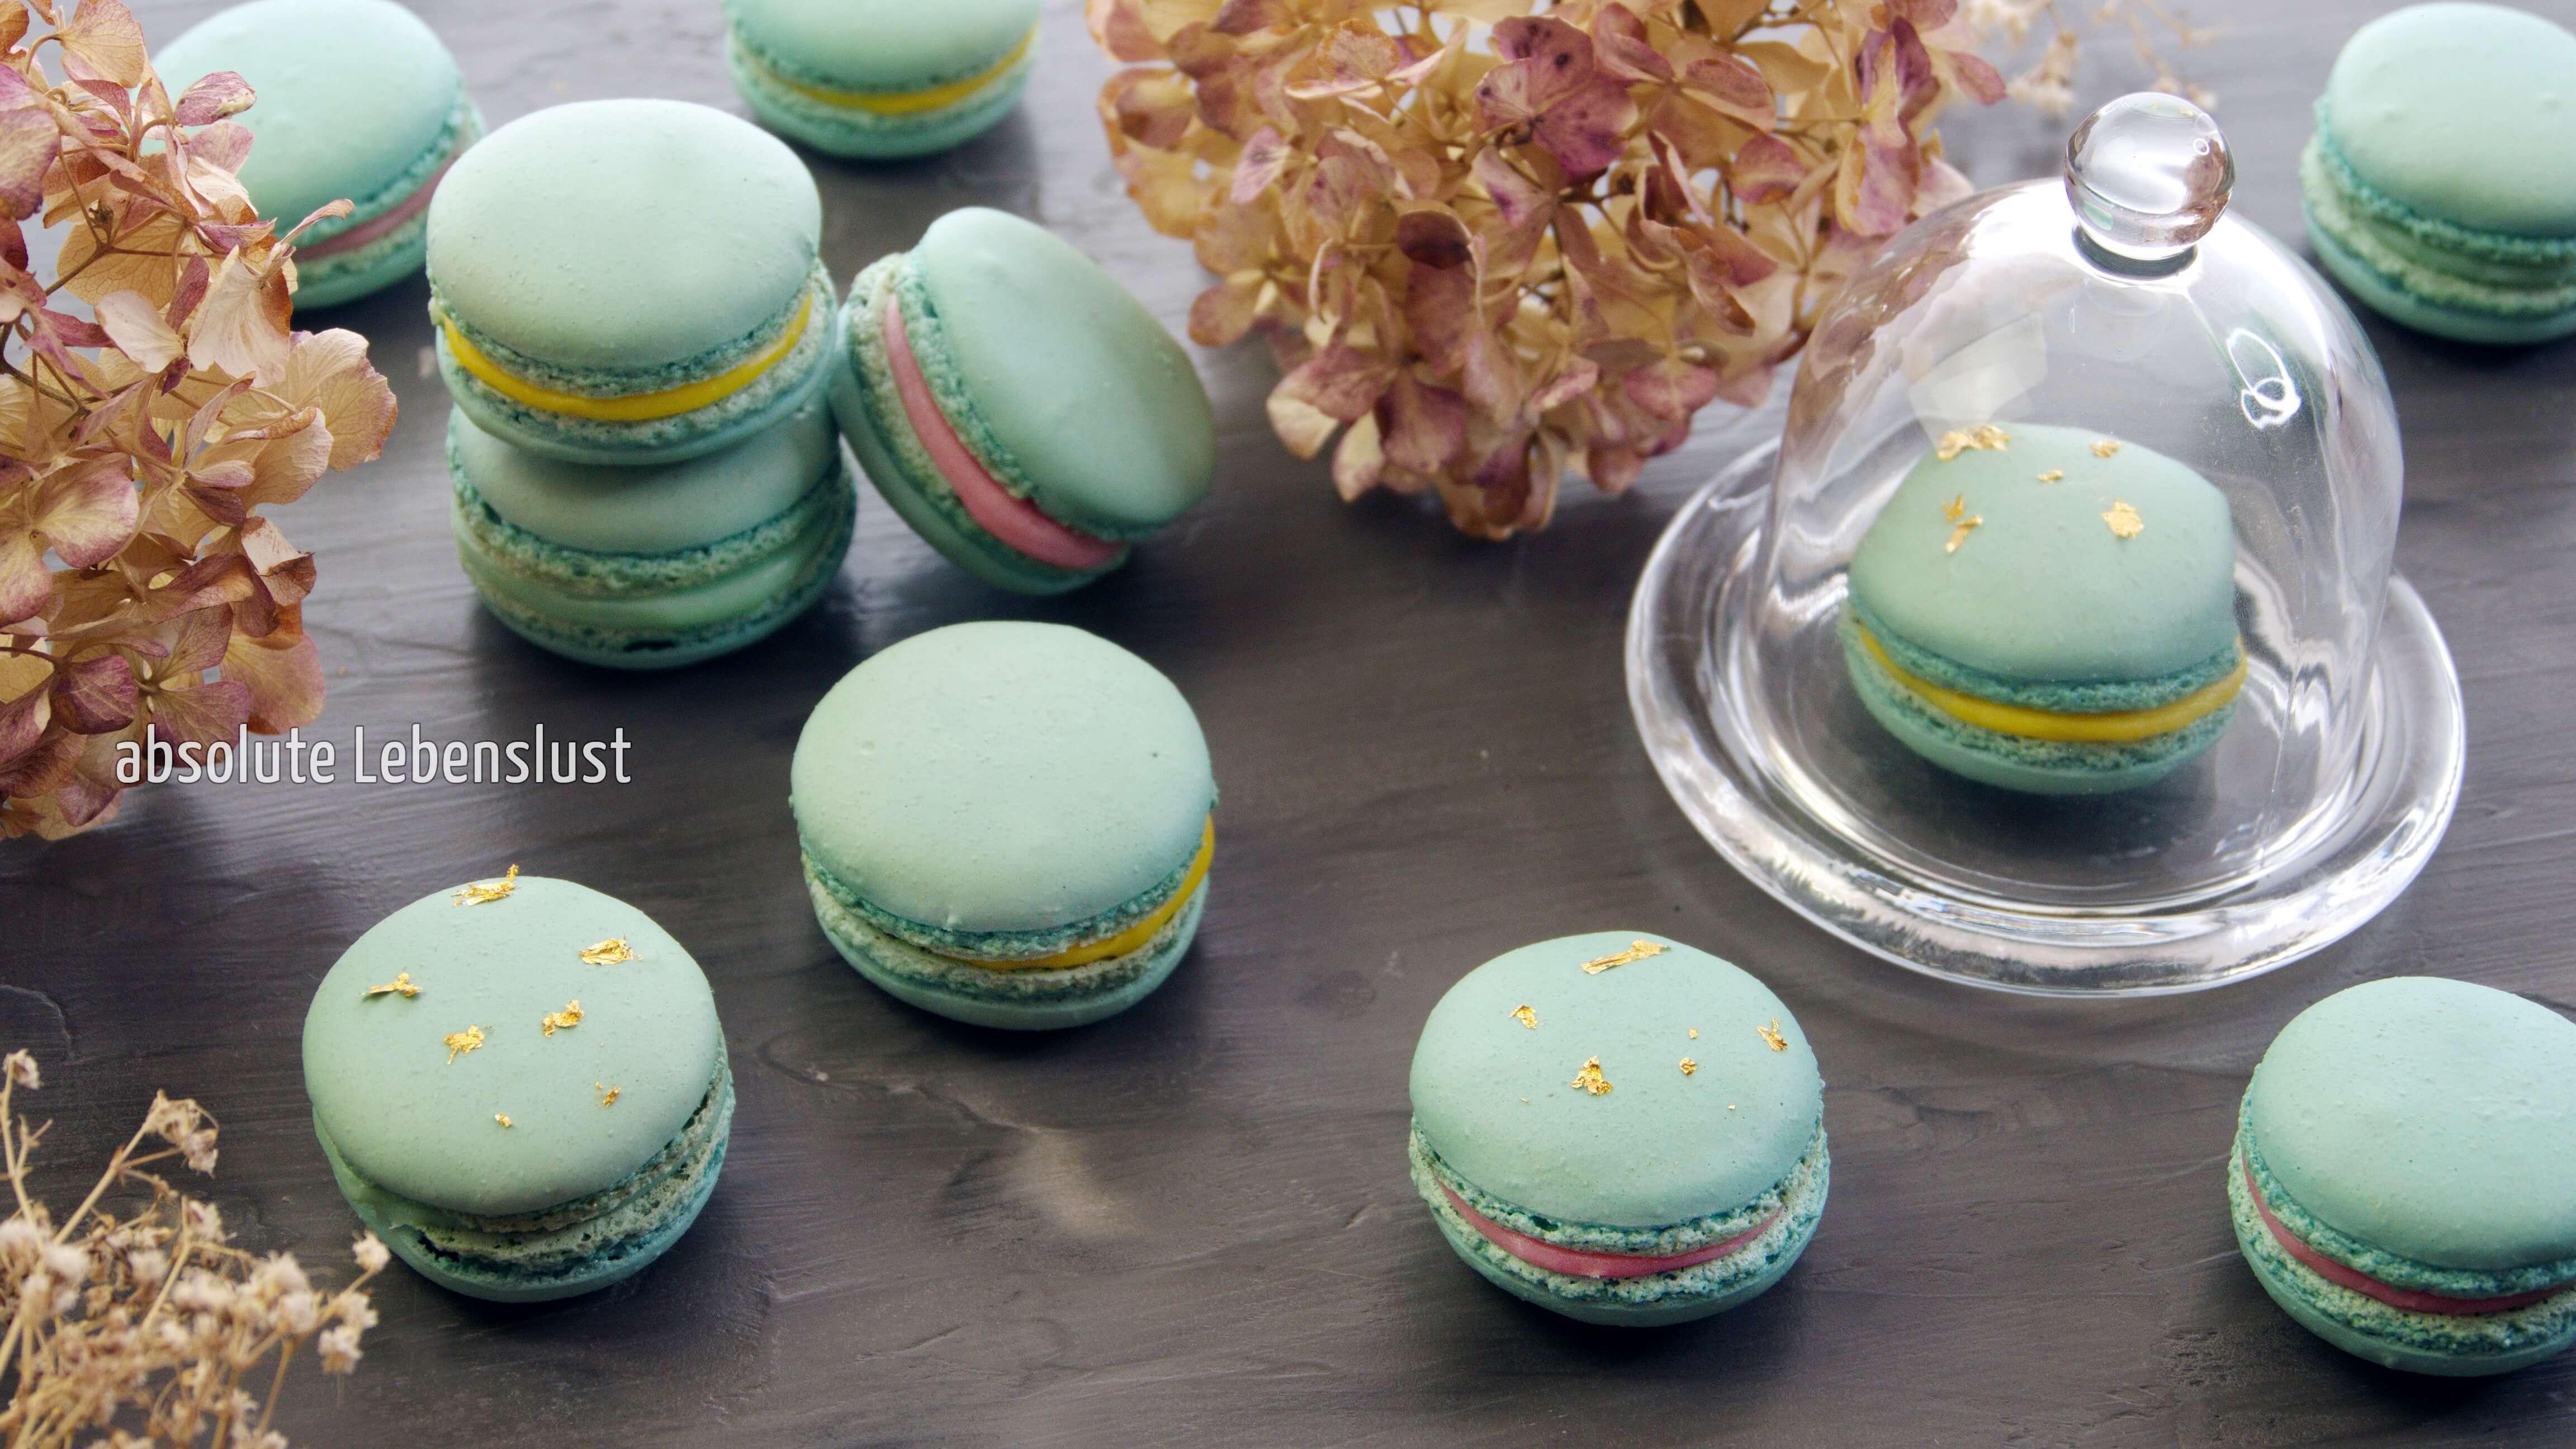 macarons selber machen, macarons füllung, weiße schokolade, macarons rezept, deutsch, backen, macarons